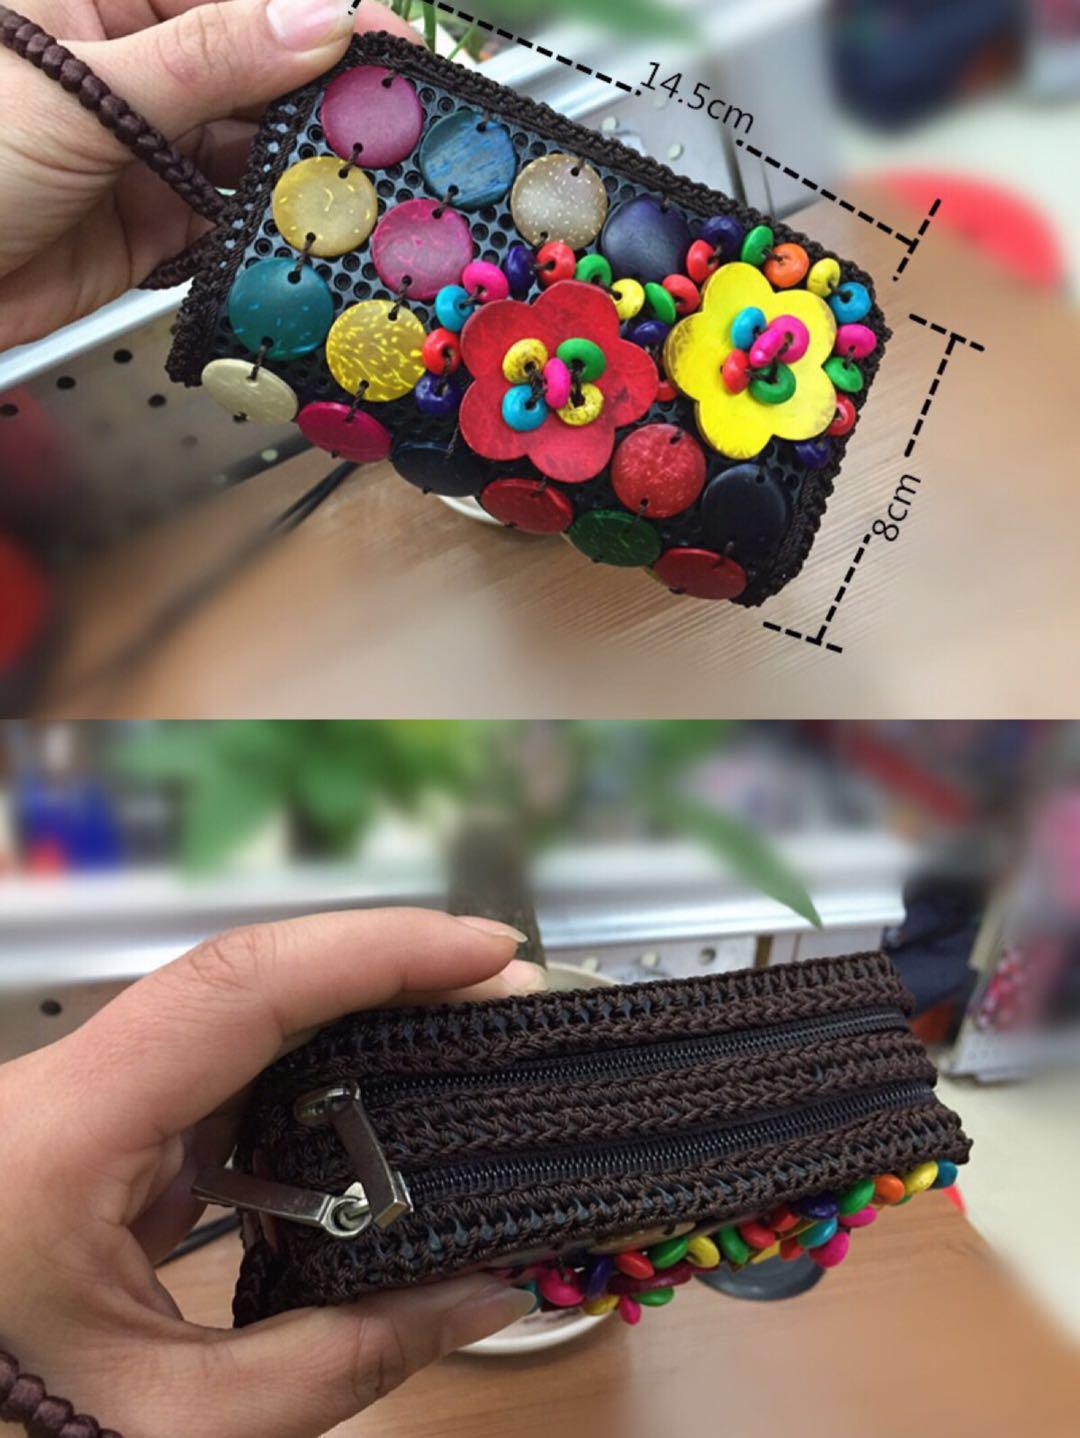 全彩色短包带钱包-60个.jpg